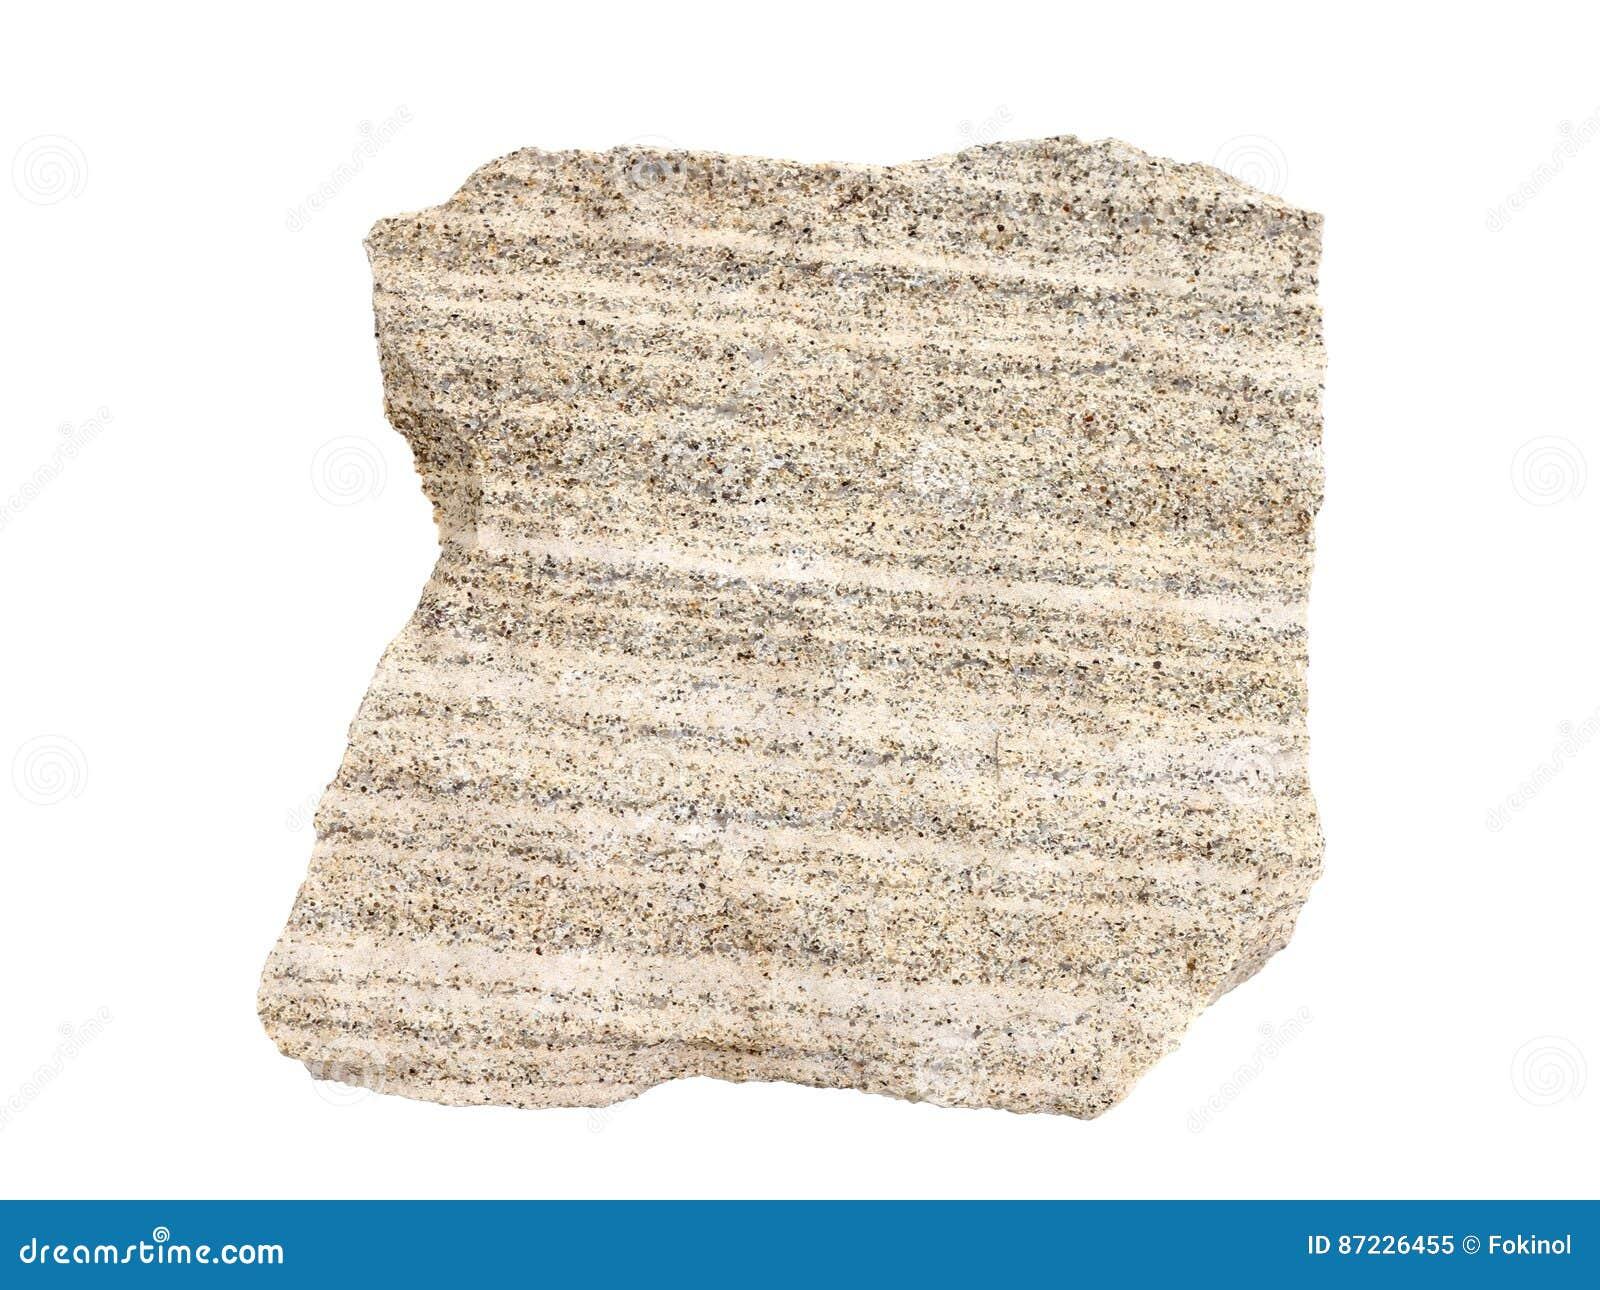 Natuurlijke steekproef van gelaagd zandig kalksteen - een gemeenschappelijk afzettingsgesteente op witte achtergrond